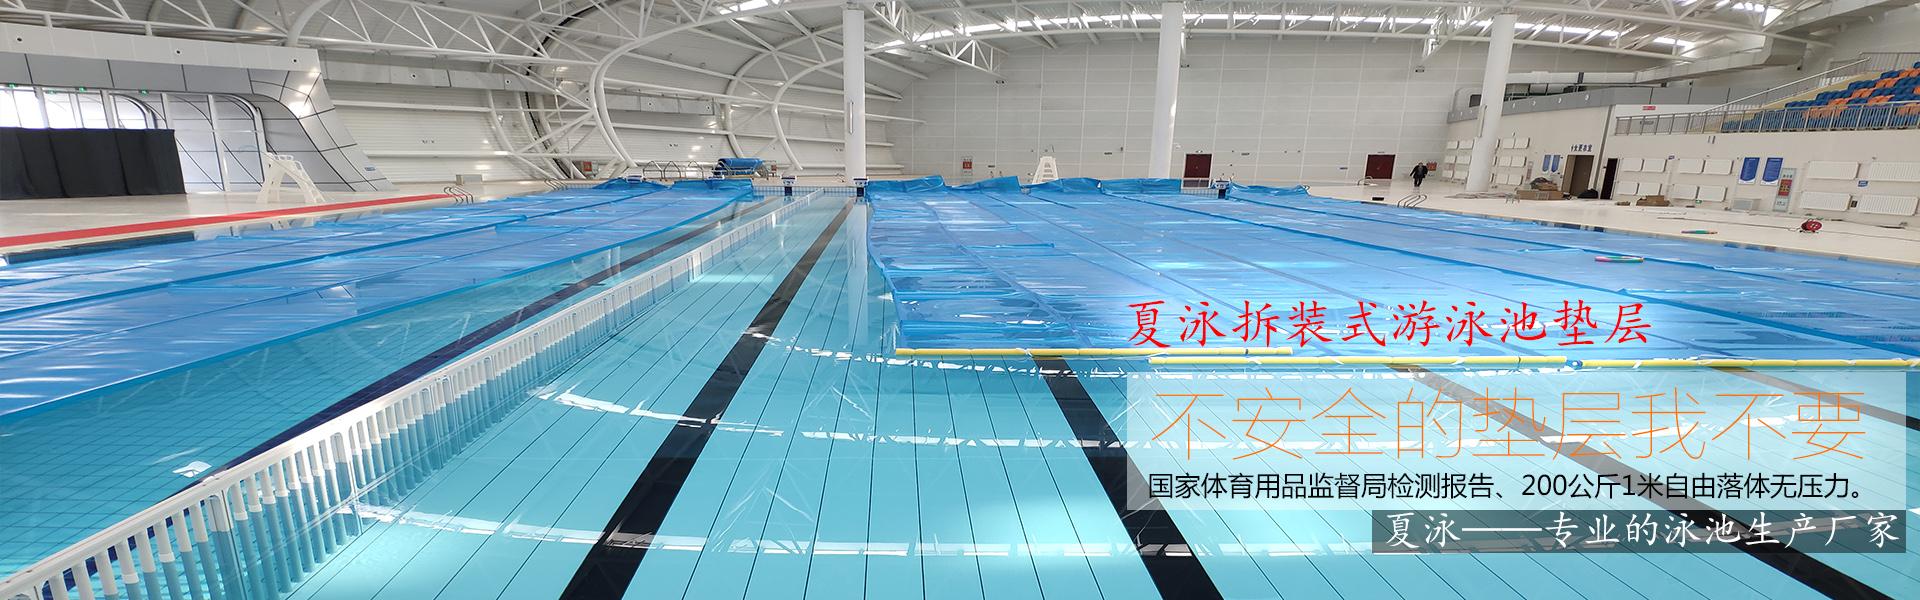 游泳池垫层